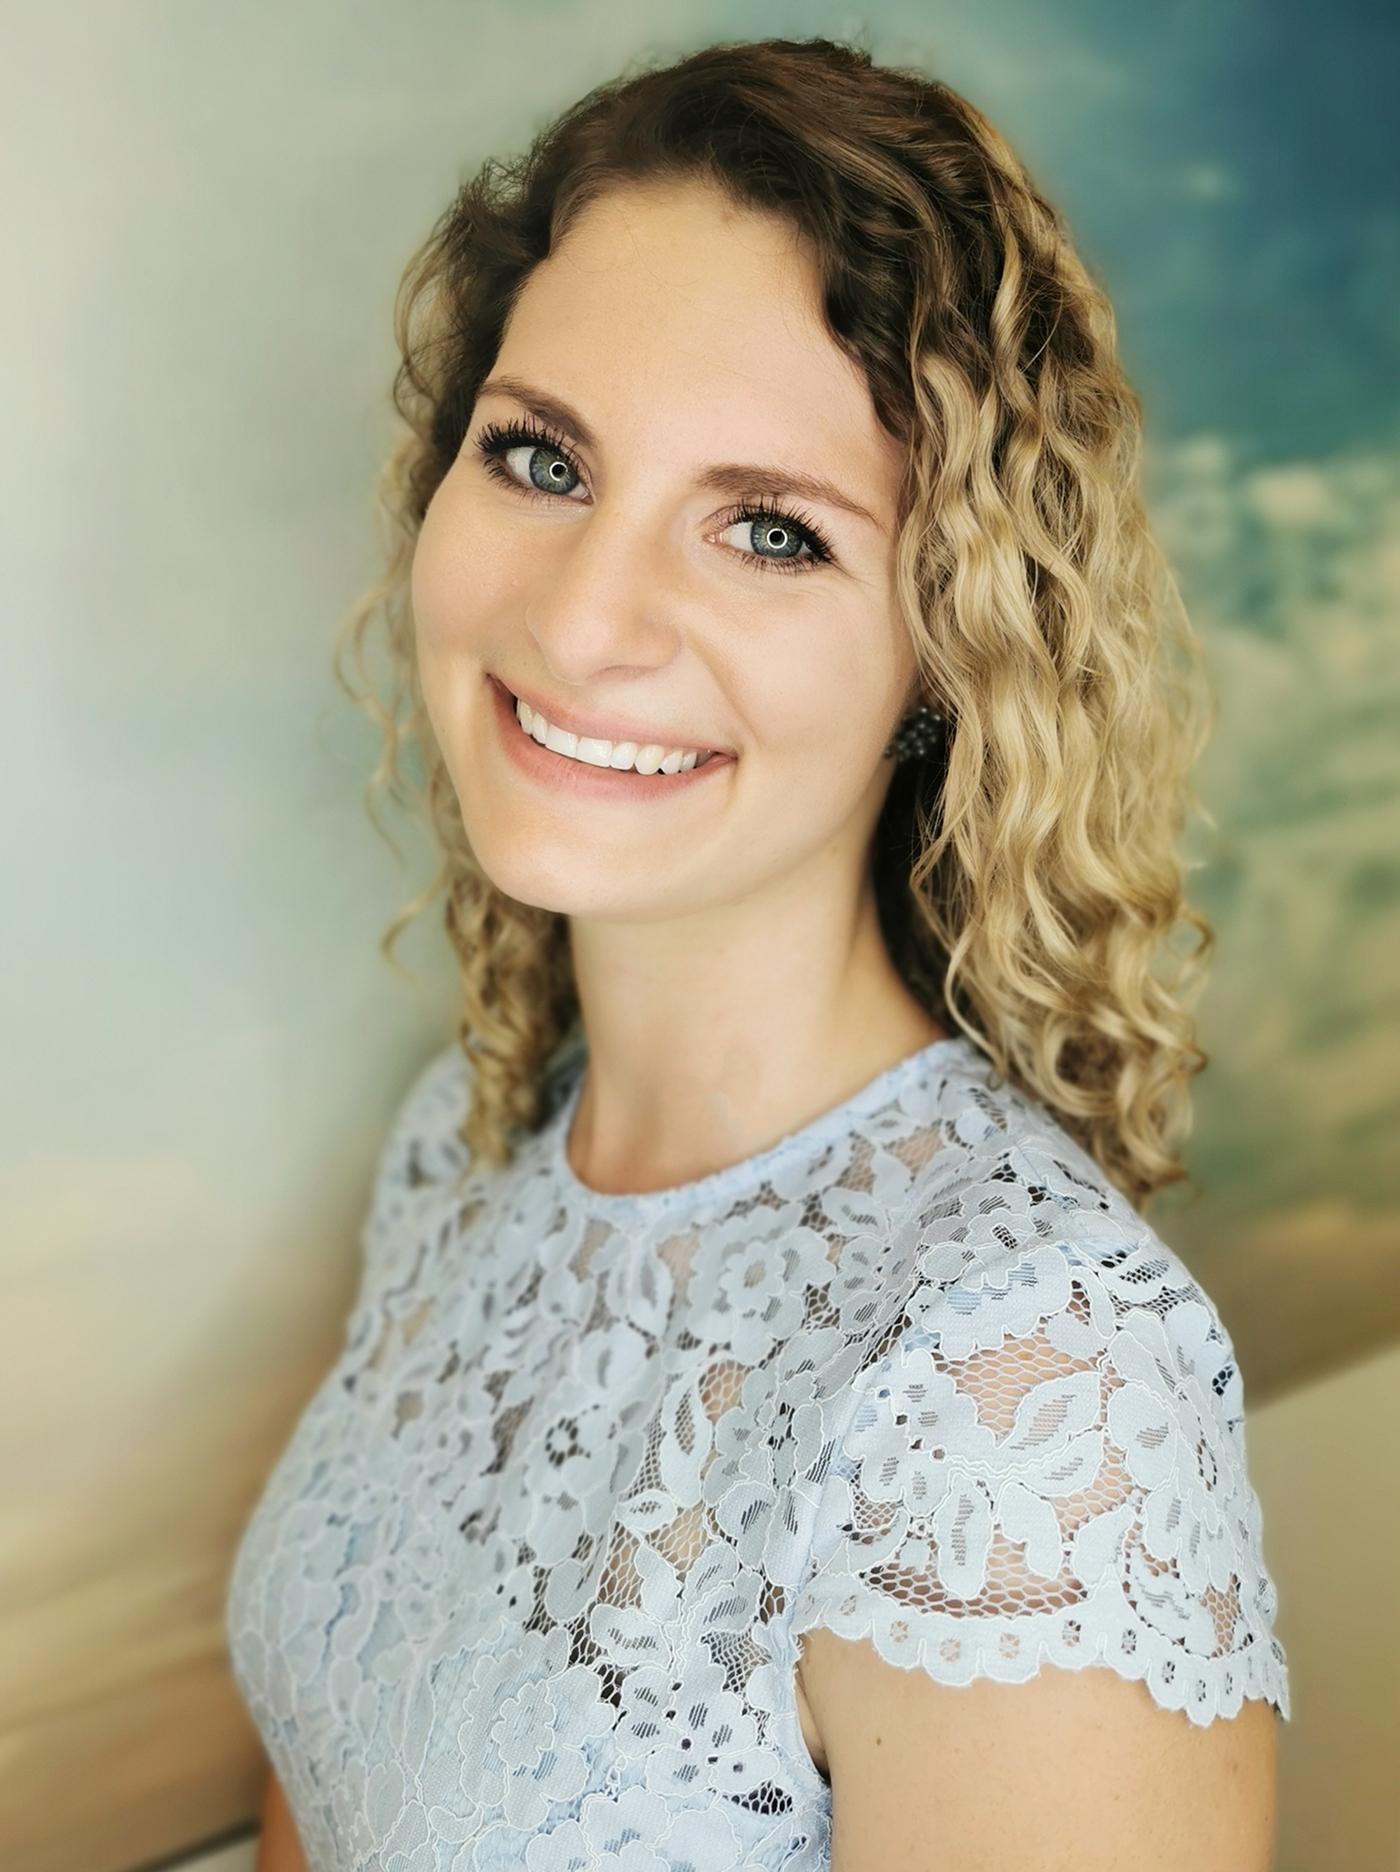 Hanna Landsberg